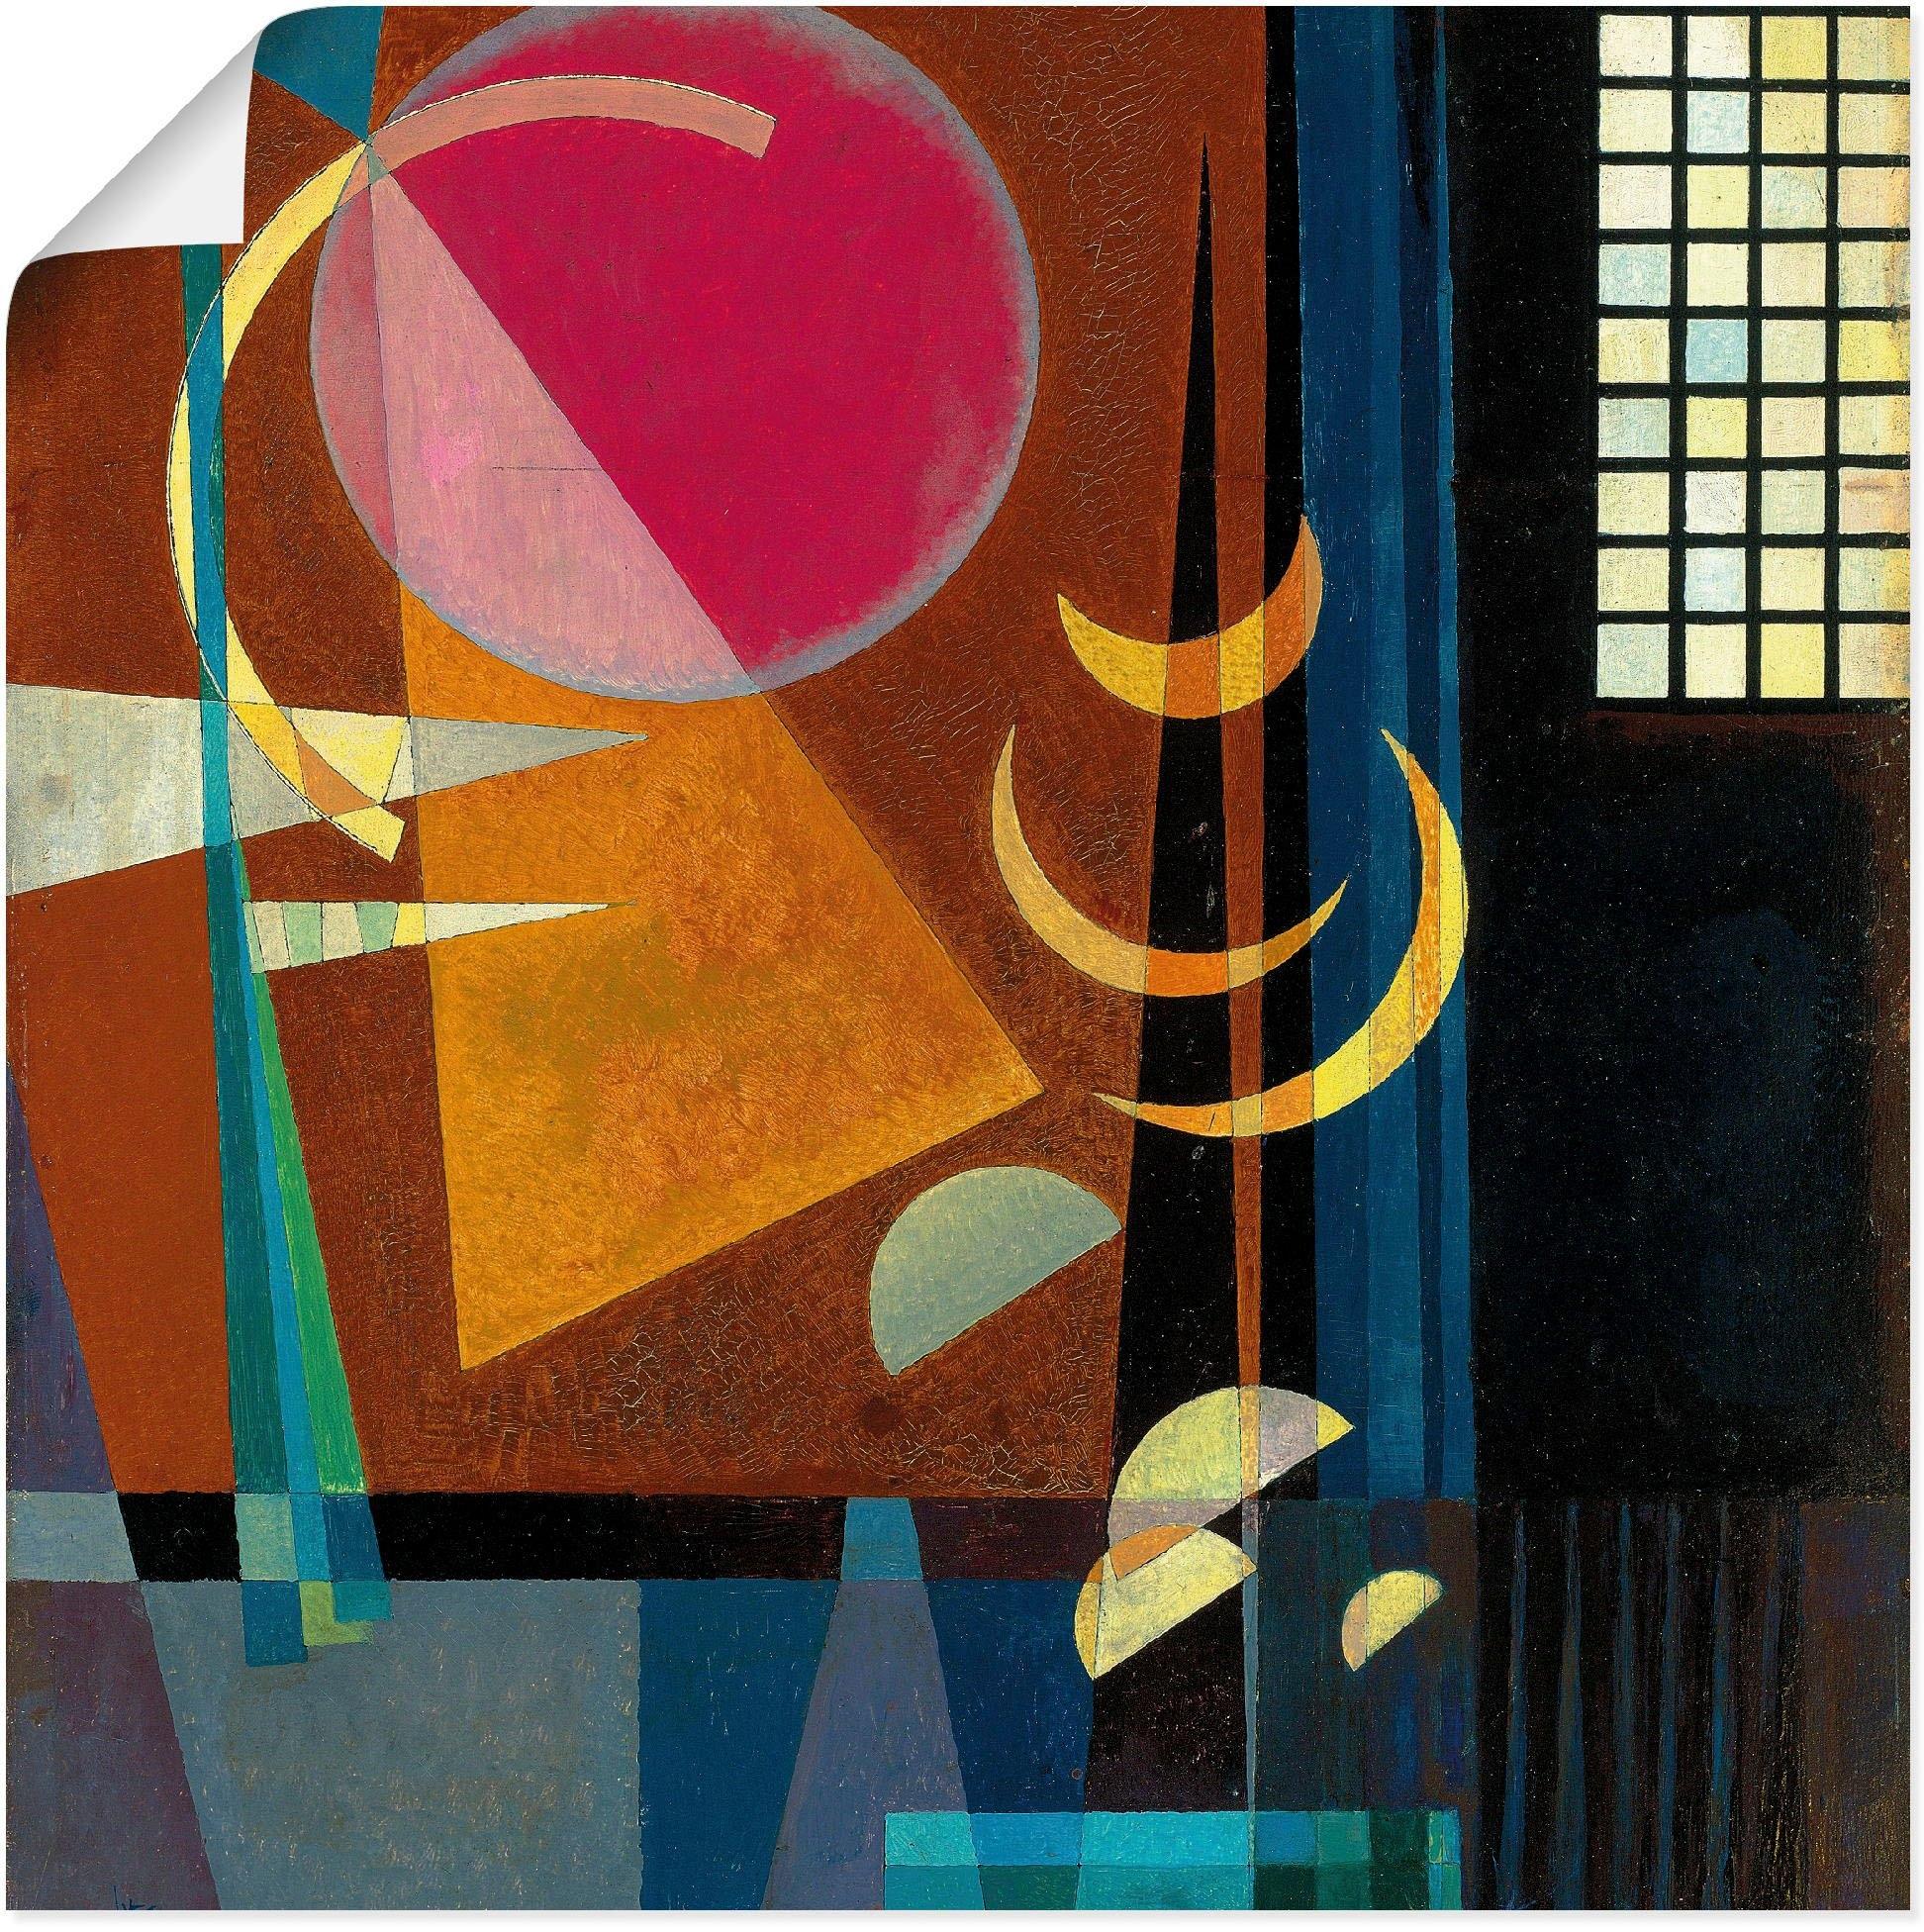 Artland artprint Scherp-rustig. 1927 in vele afmetingen & productsoorten -artprint op linnen, poster, muursticker / wandfolie ook geschikt voor de badkamer (1 stuk) voordelig en veilig online kopen